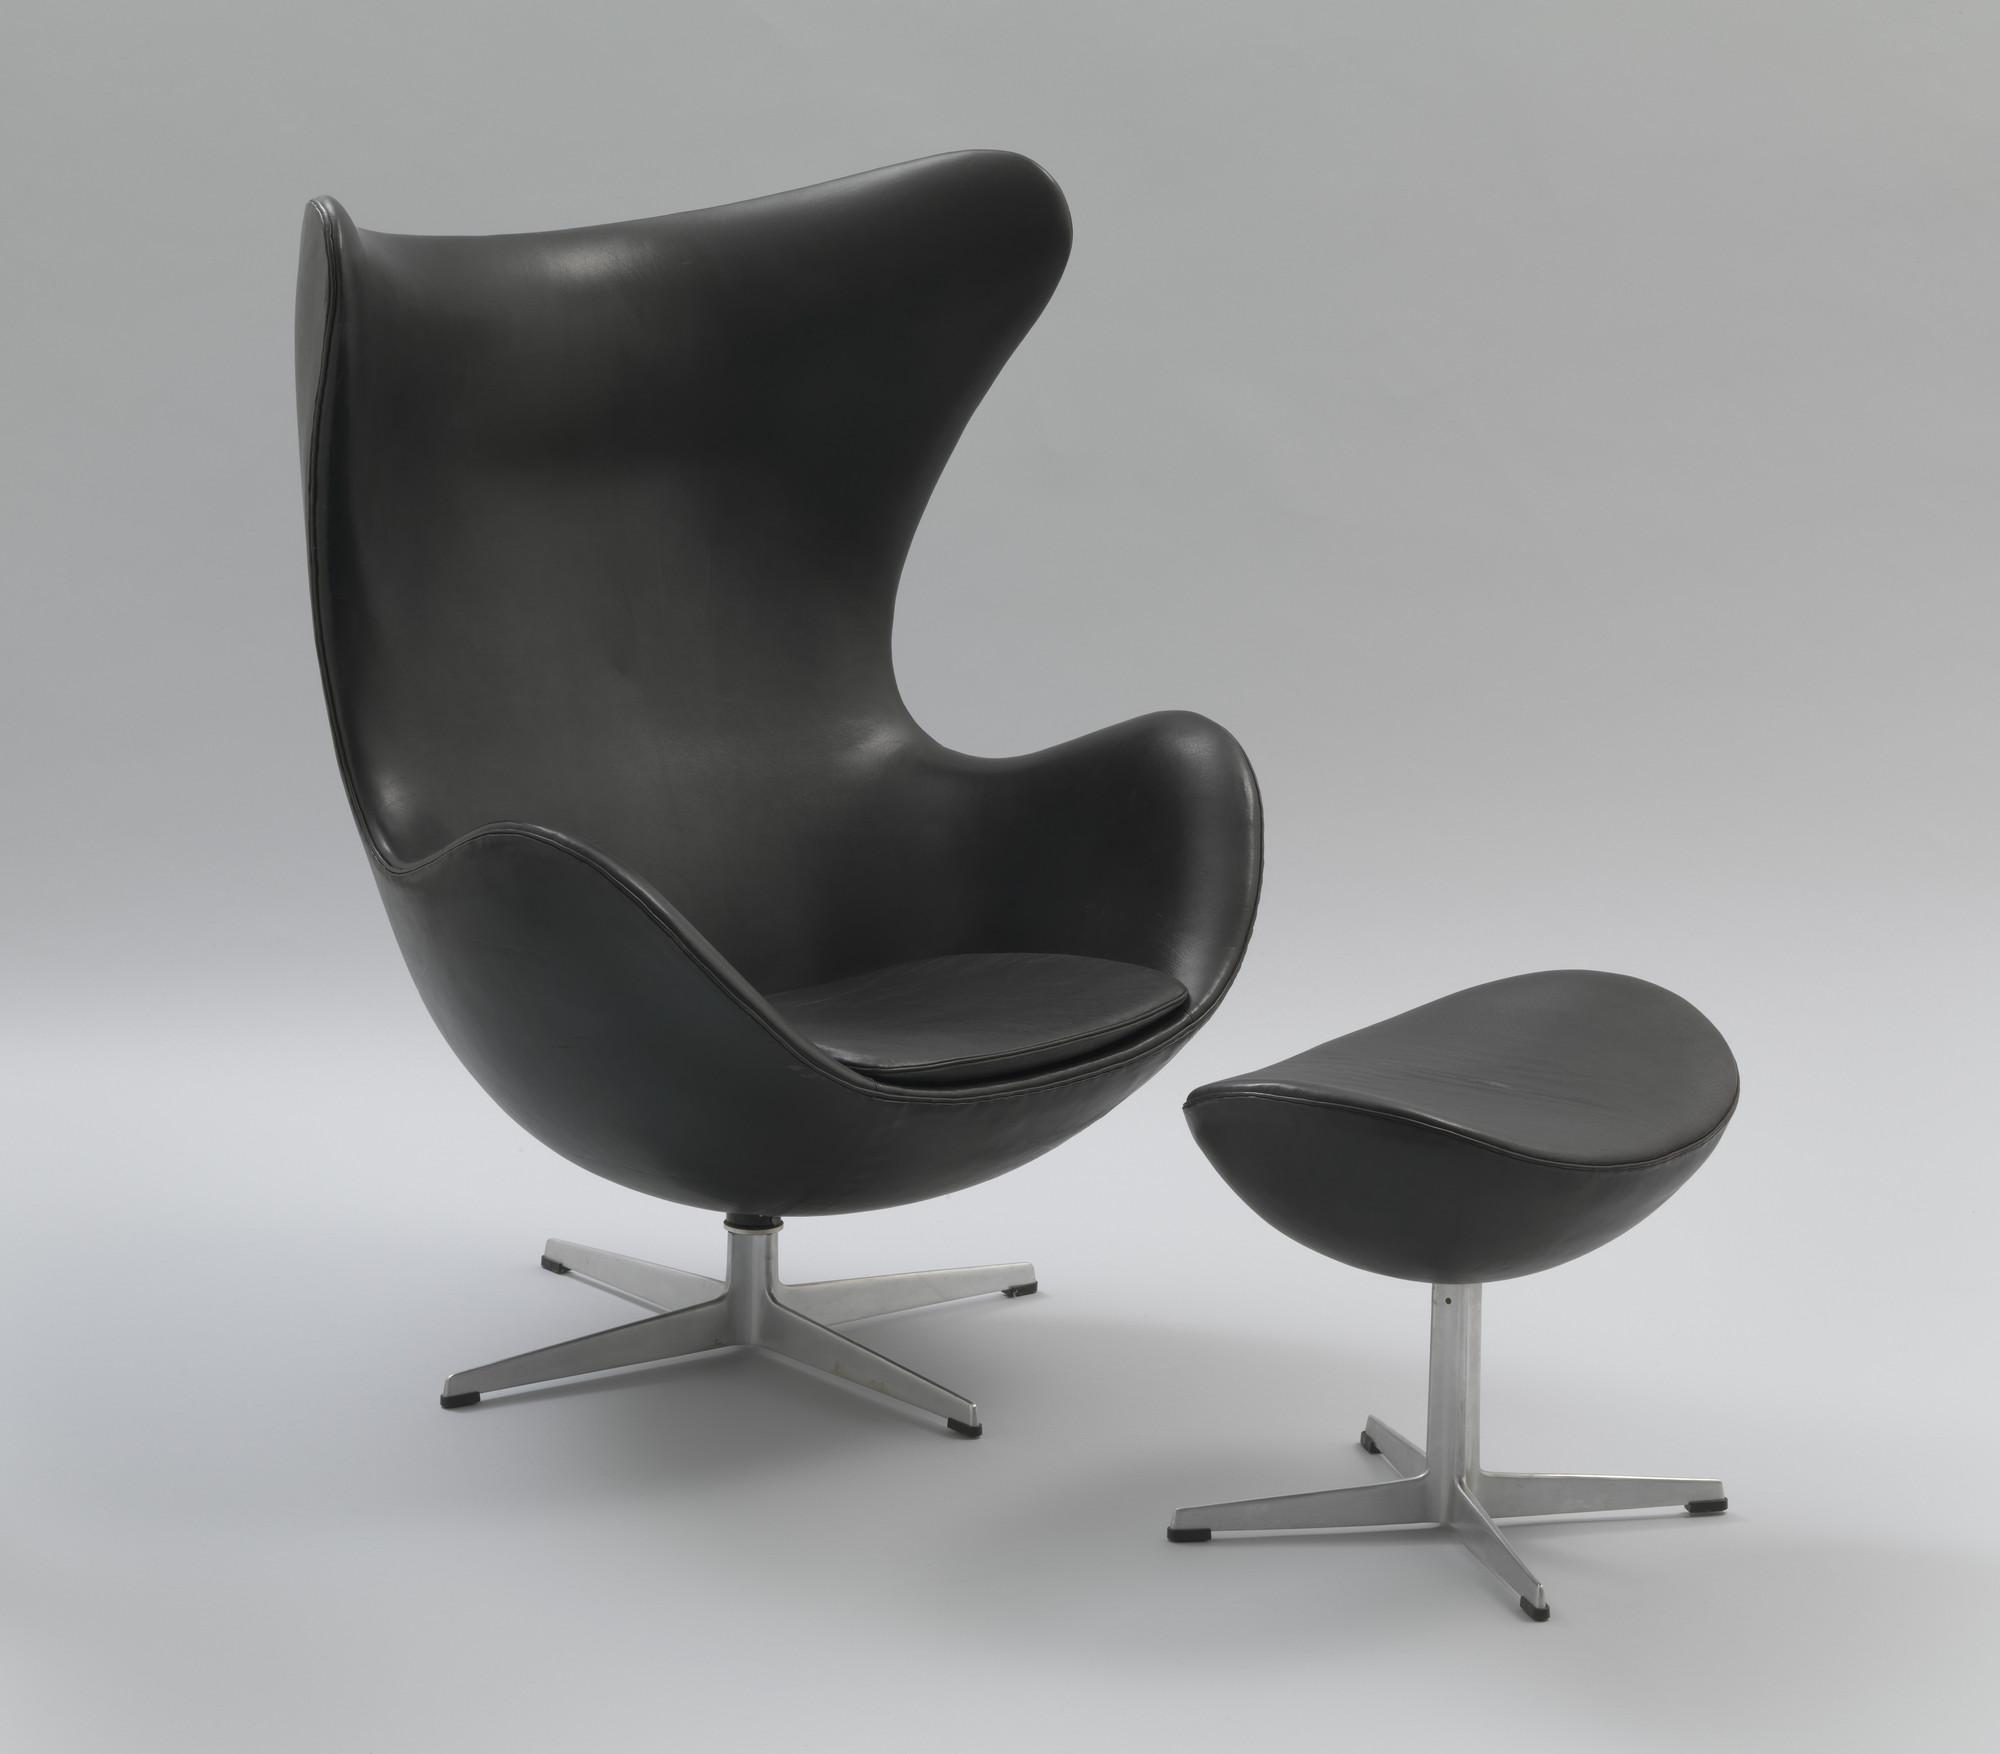 Arne Jacobsen Egg Chair And Ottoman 1958 Moma